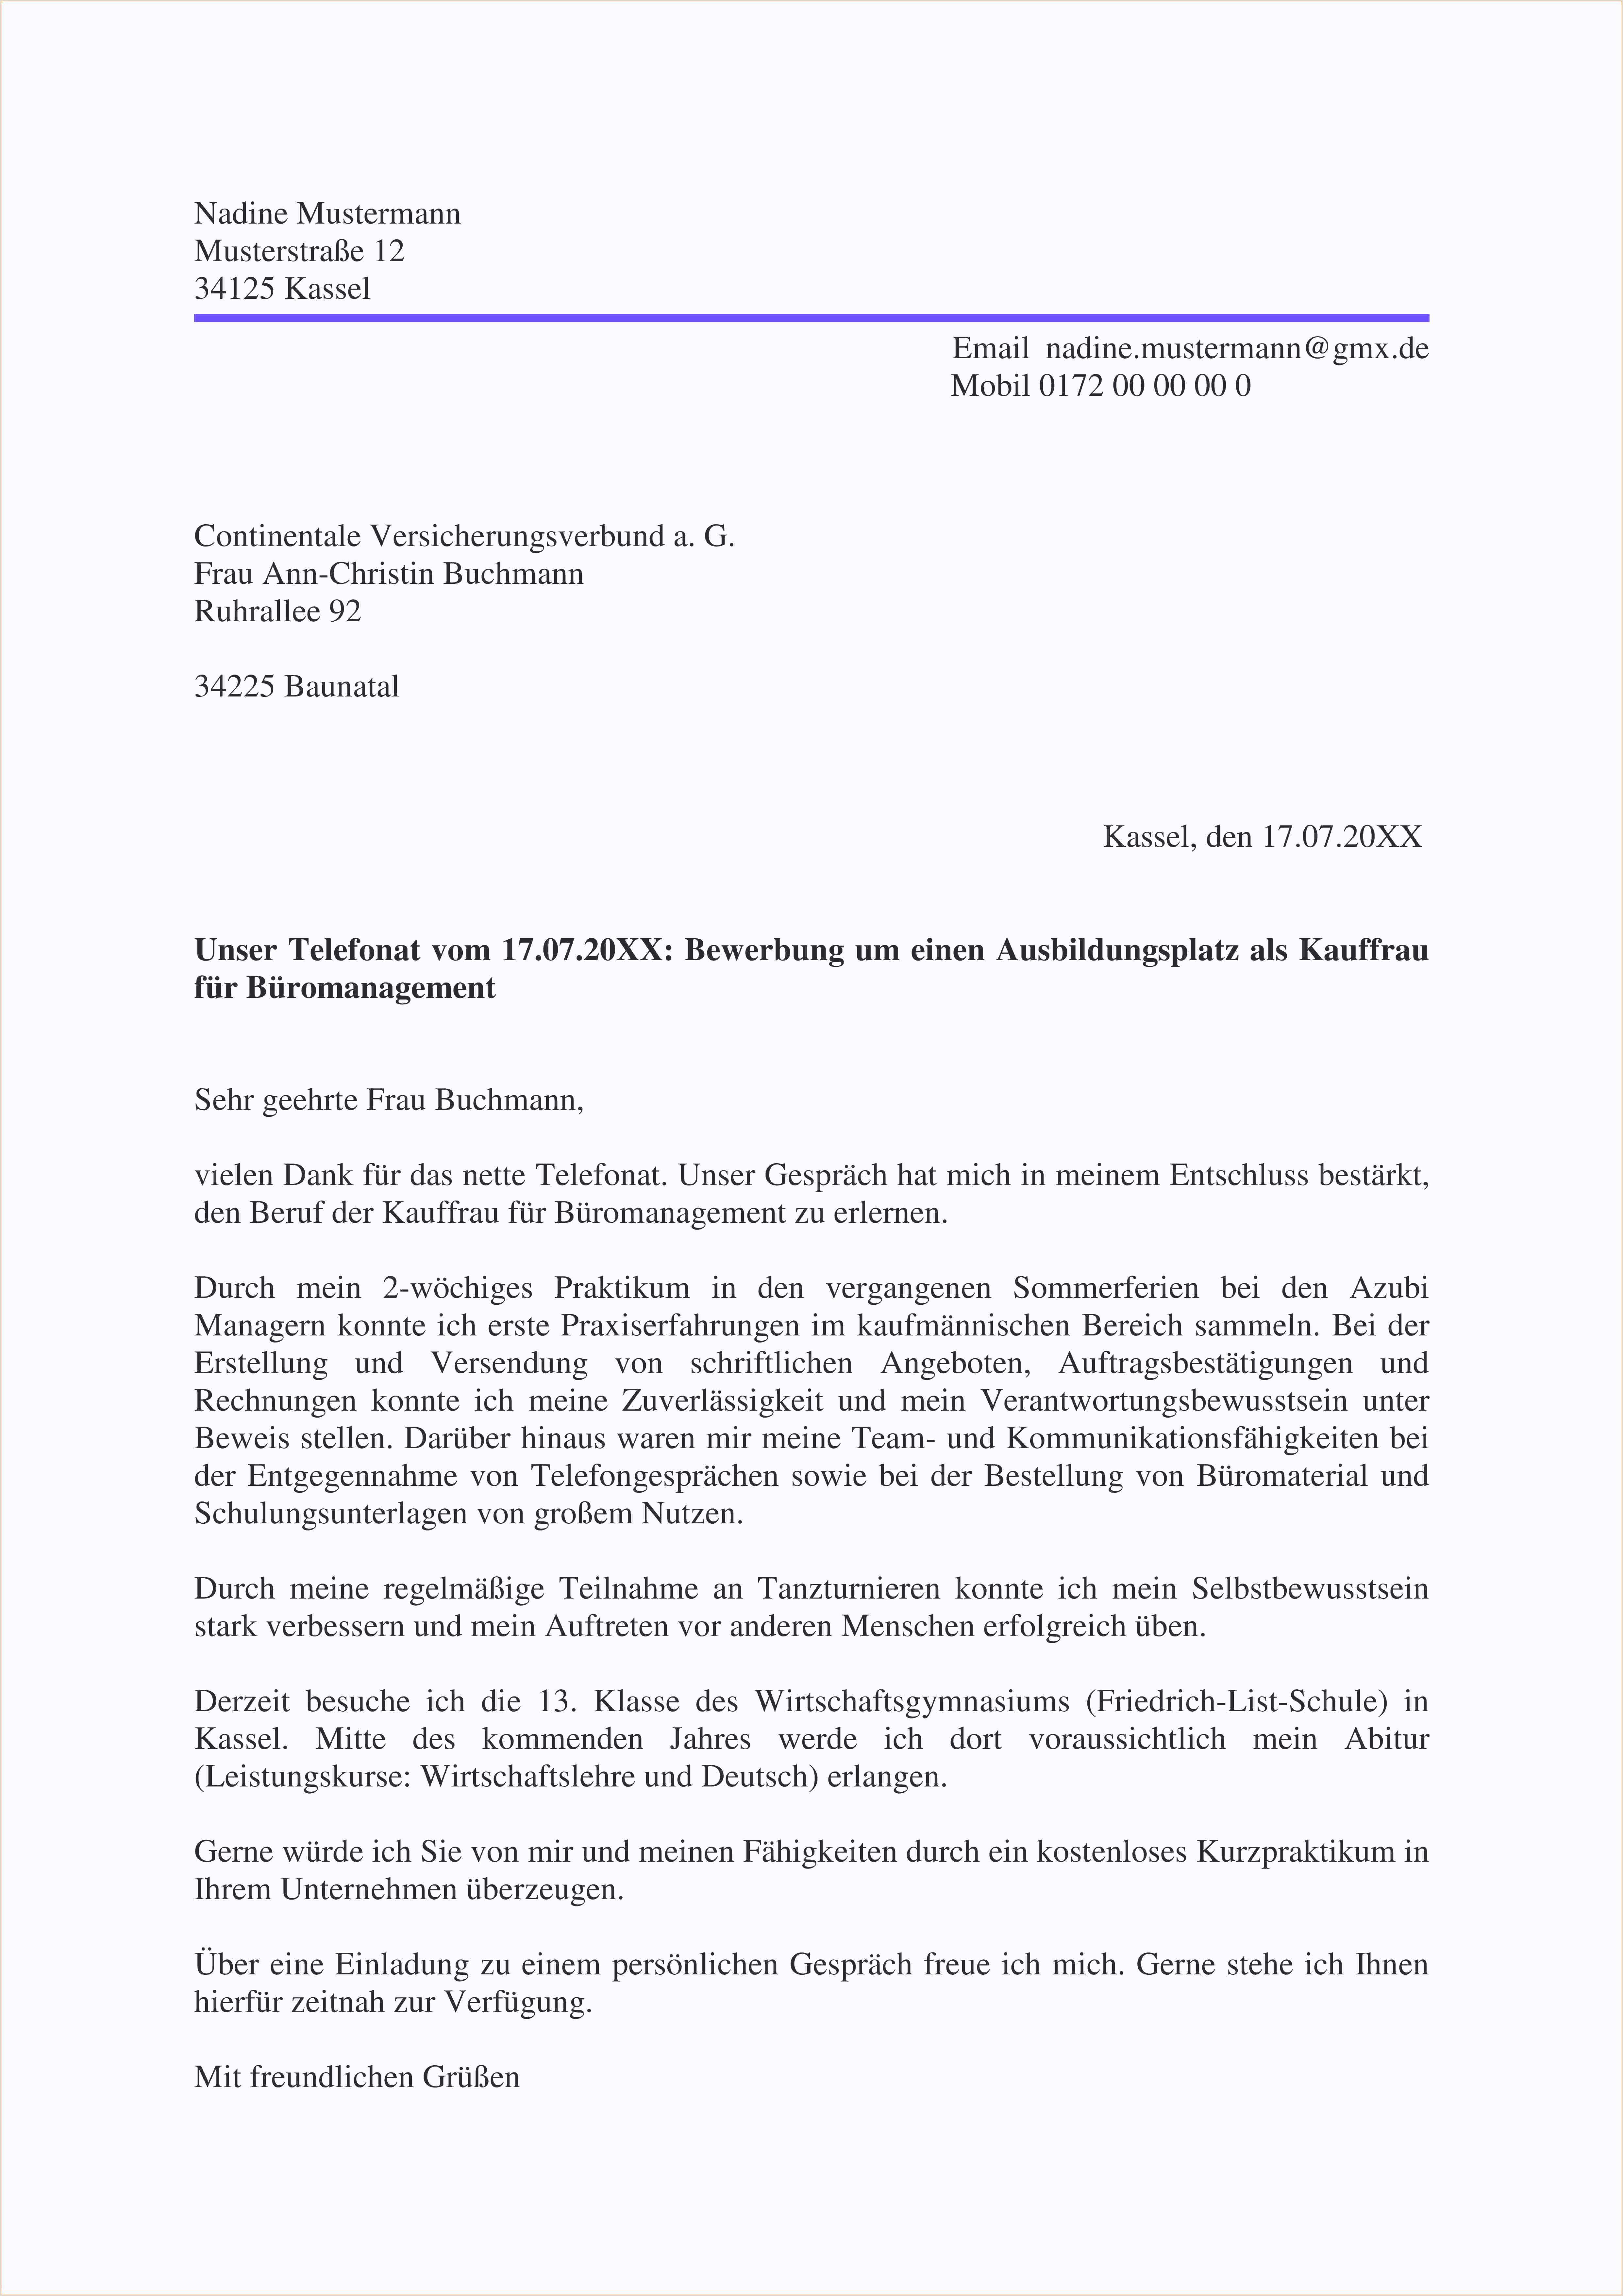 Lebenslauf Vorlage Schüler Download Word Schülerpraktikum Dresden Neu Gute Briefe Schreiben 2018 10